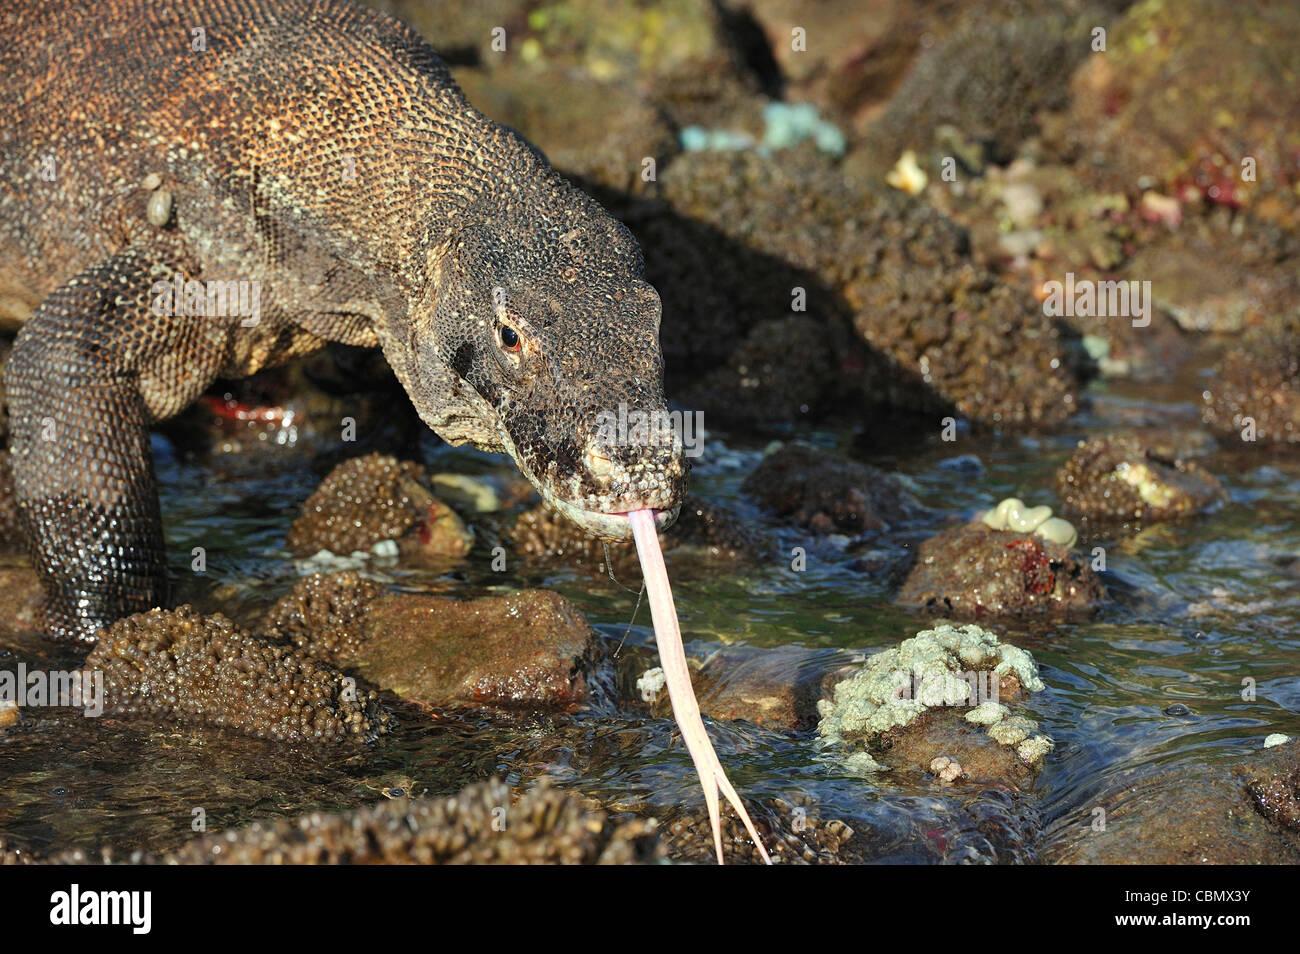 Komodo Dragon, Varanus komodoensis, Rinca, Komodo National Park, Indonesia - Stock Image